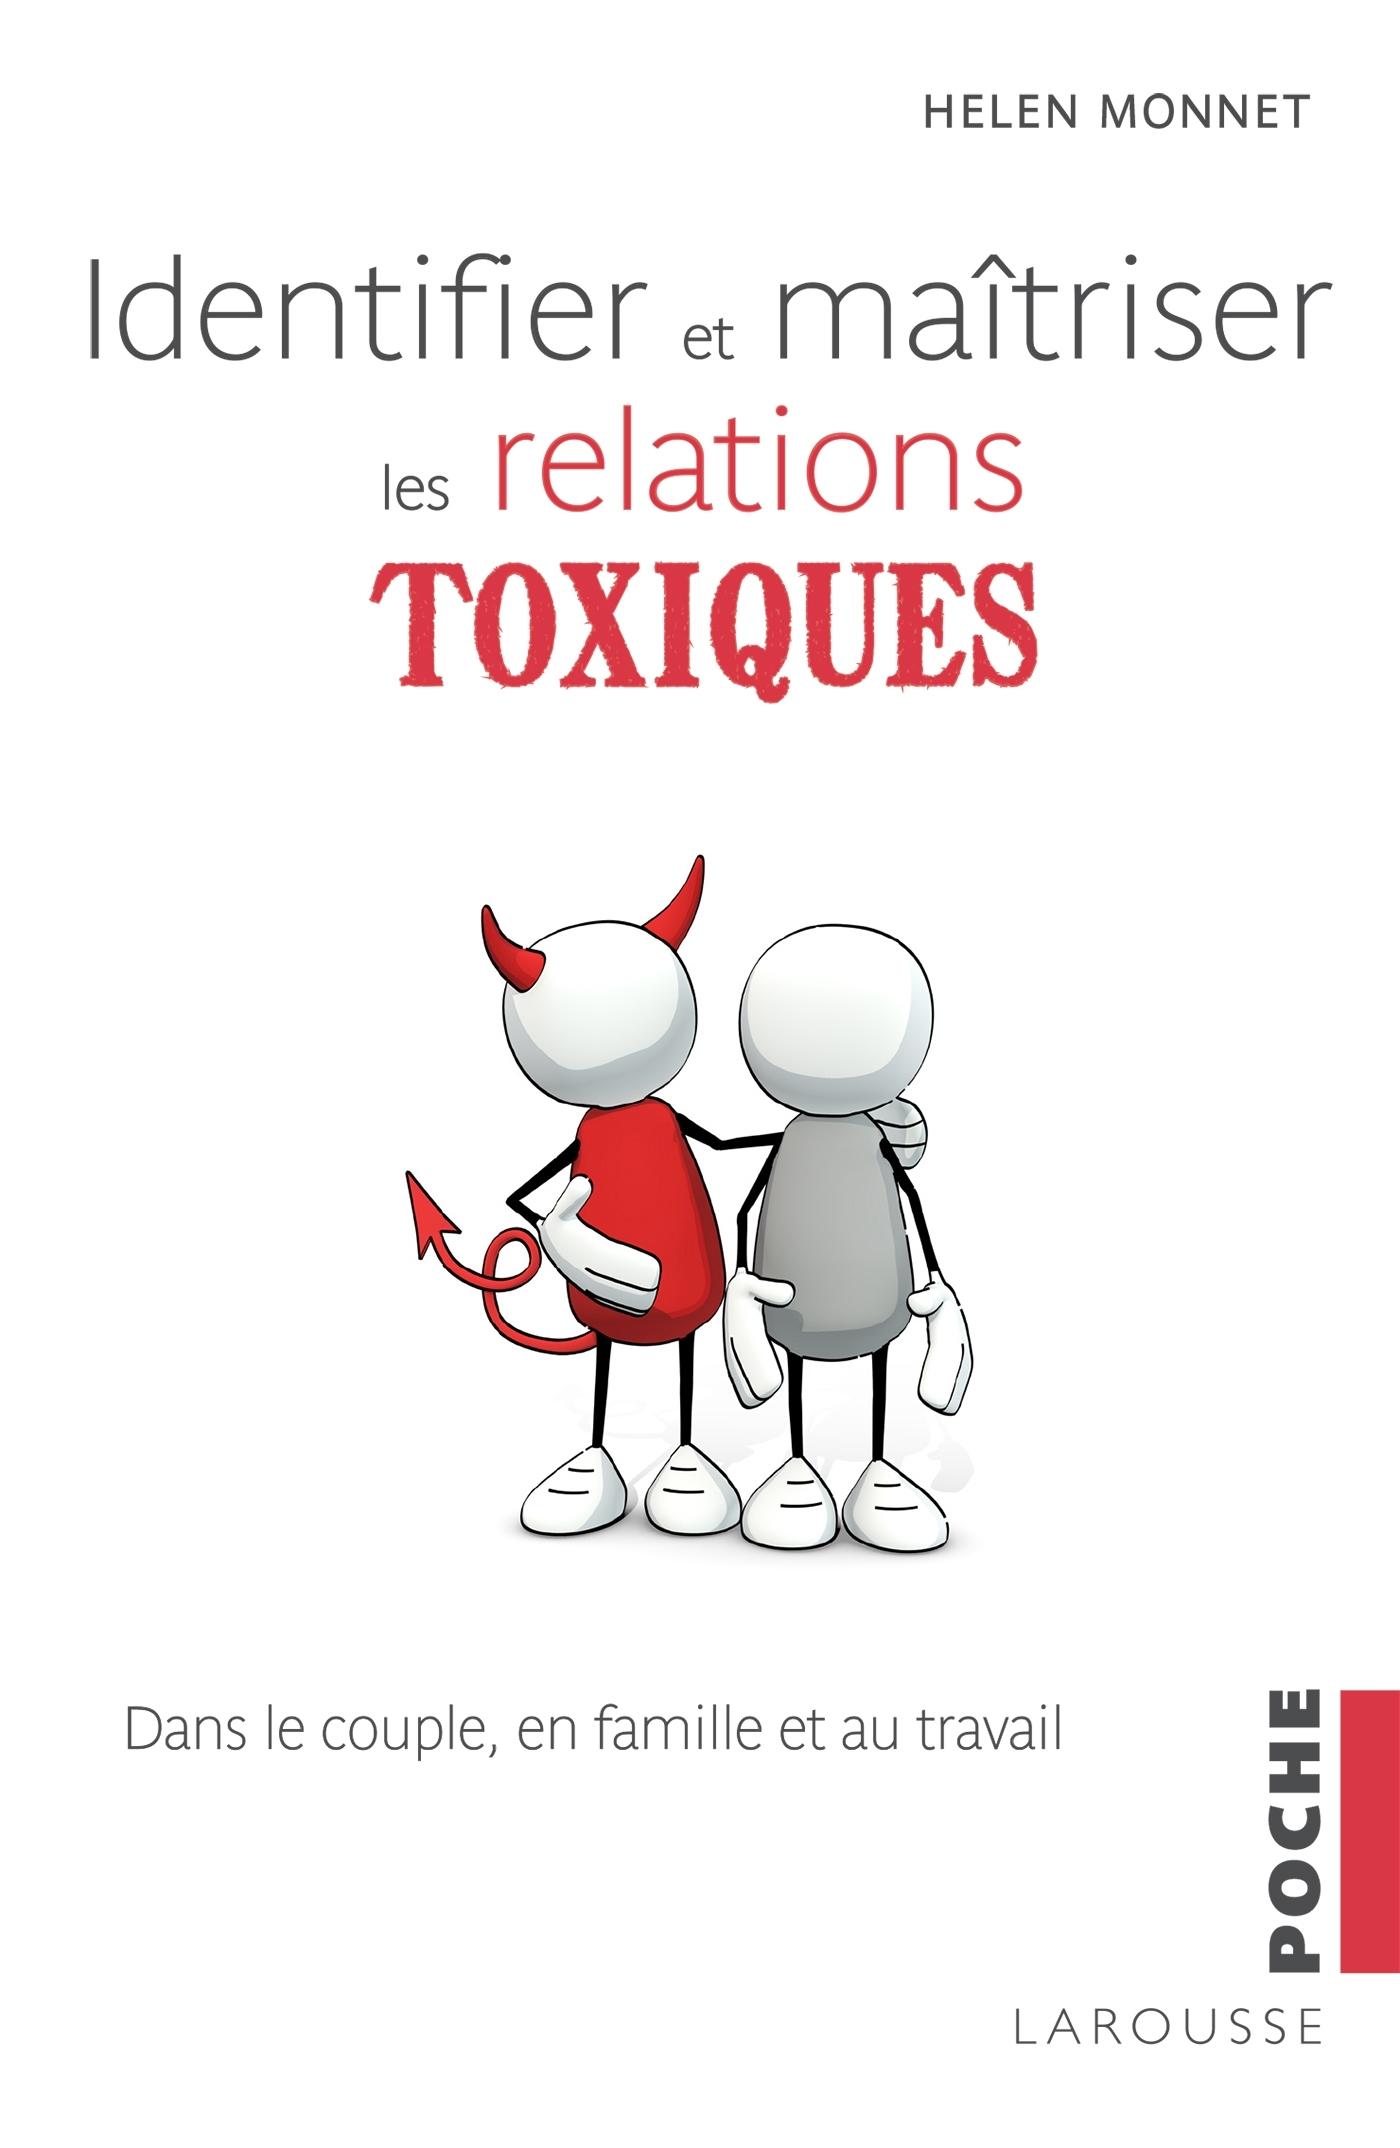 IDENTIFIER ET MAITRISER LES RELATIONS TOXIQUES - DANS LE COUPLE, EN FAMILLE ET AU TRAVAIL